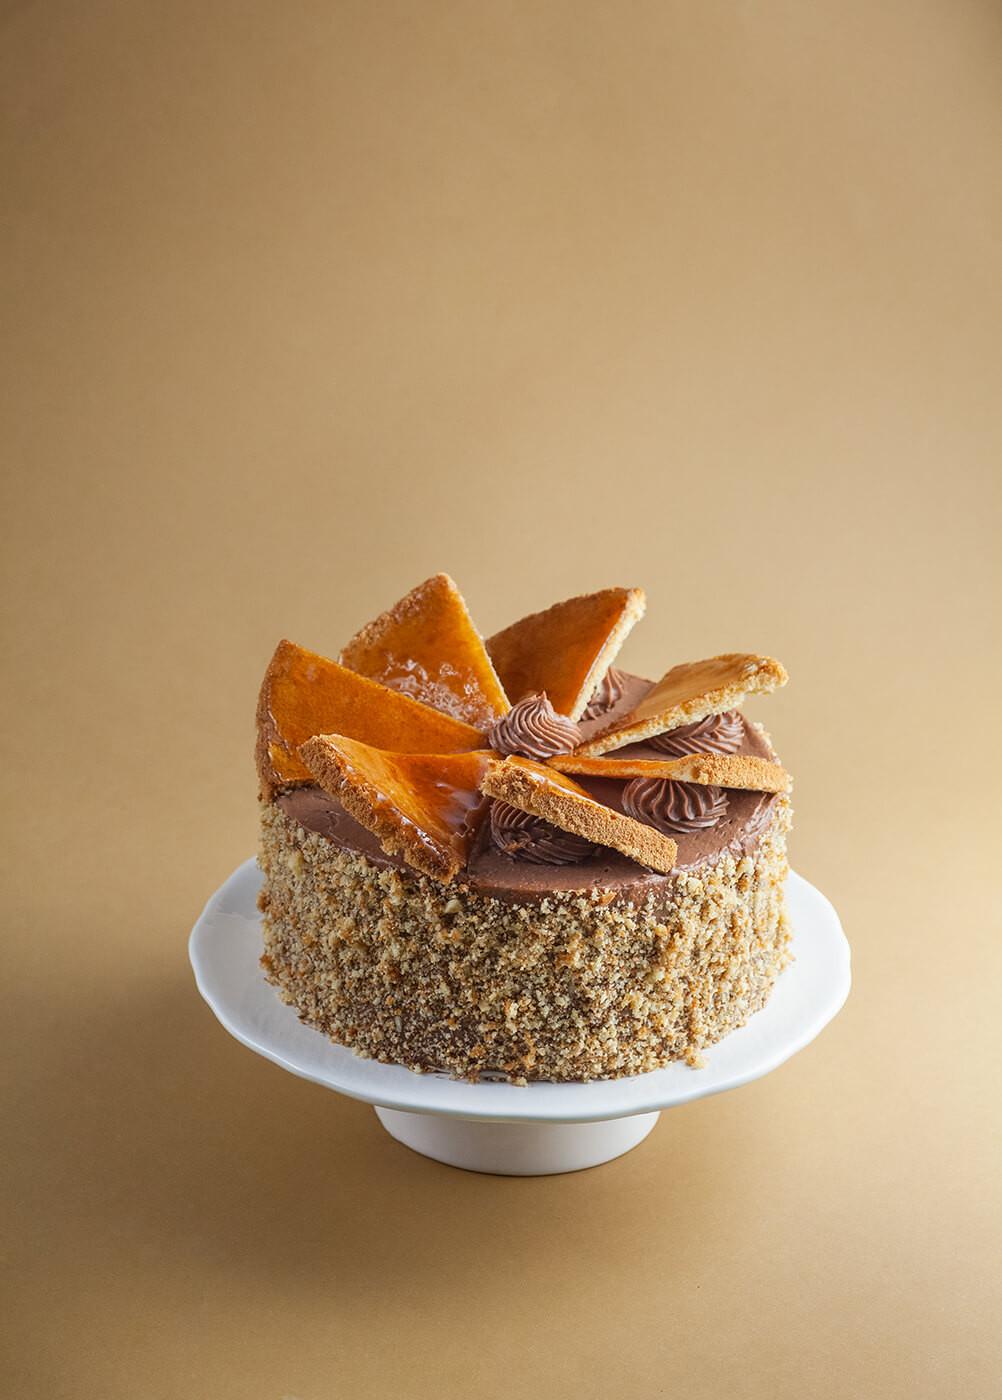 Tort Dobos - węgierski tort orzechowo czekoladowy.